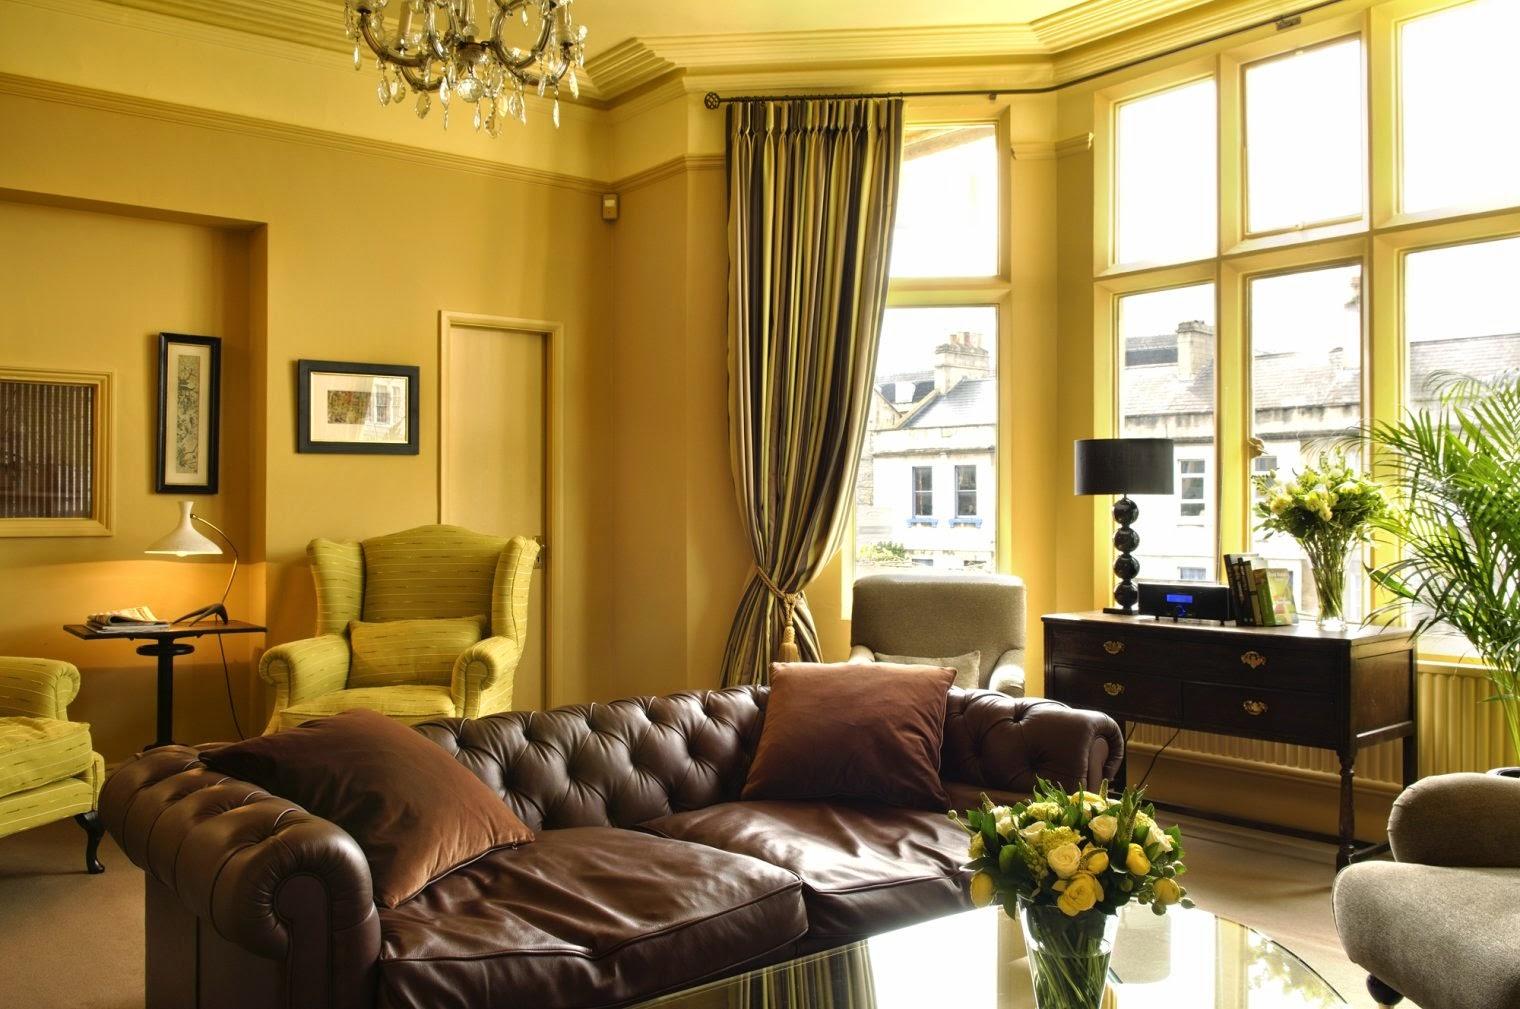 Salas en marr n y amarillo salas con estilo - Colores en paredes ...